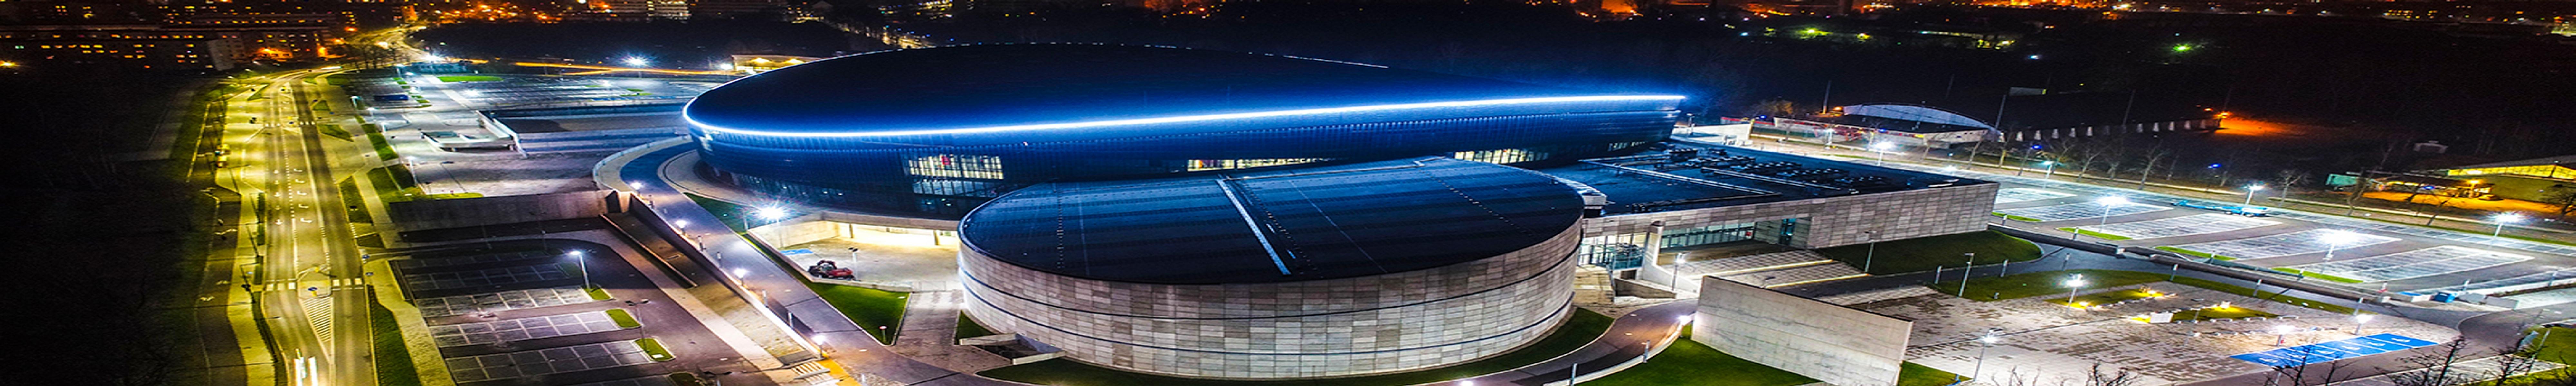 Podświetlona Arena Gliwice o zmroku